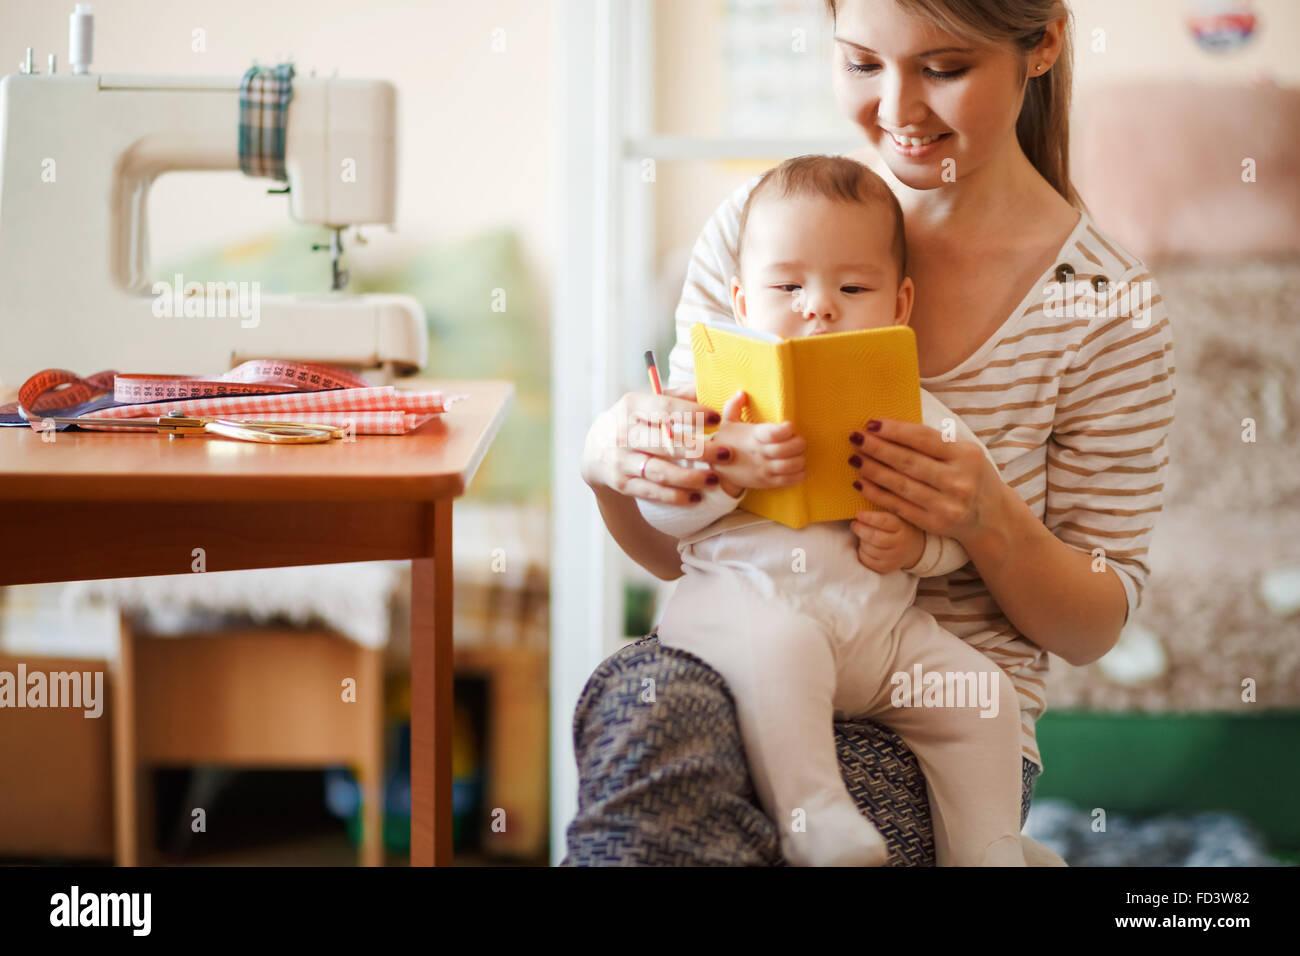 La madre y el bebé leyendo un libro juntos en casa. Imagen De Stock